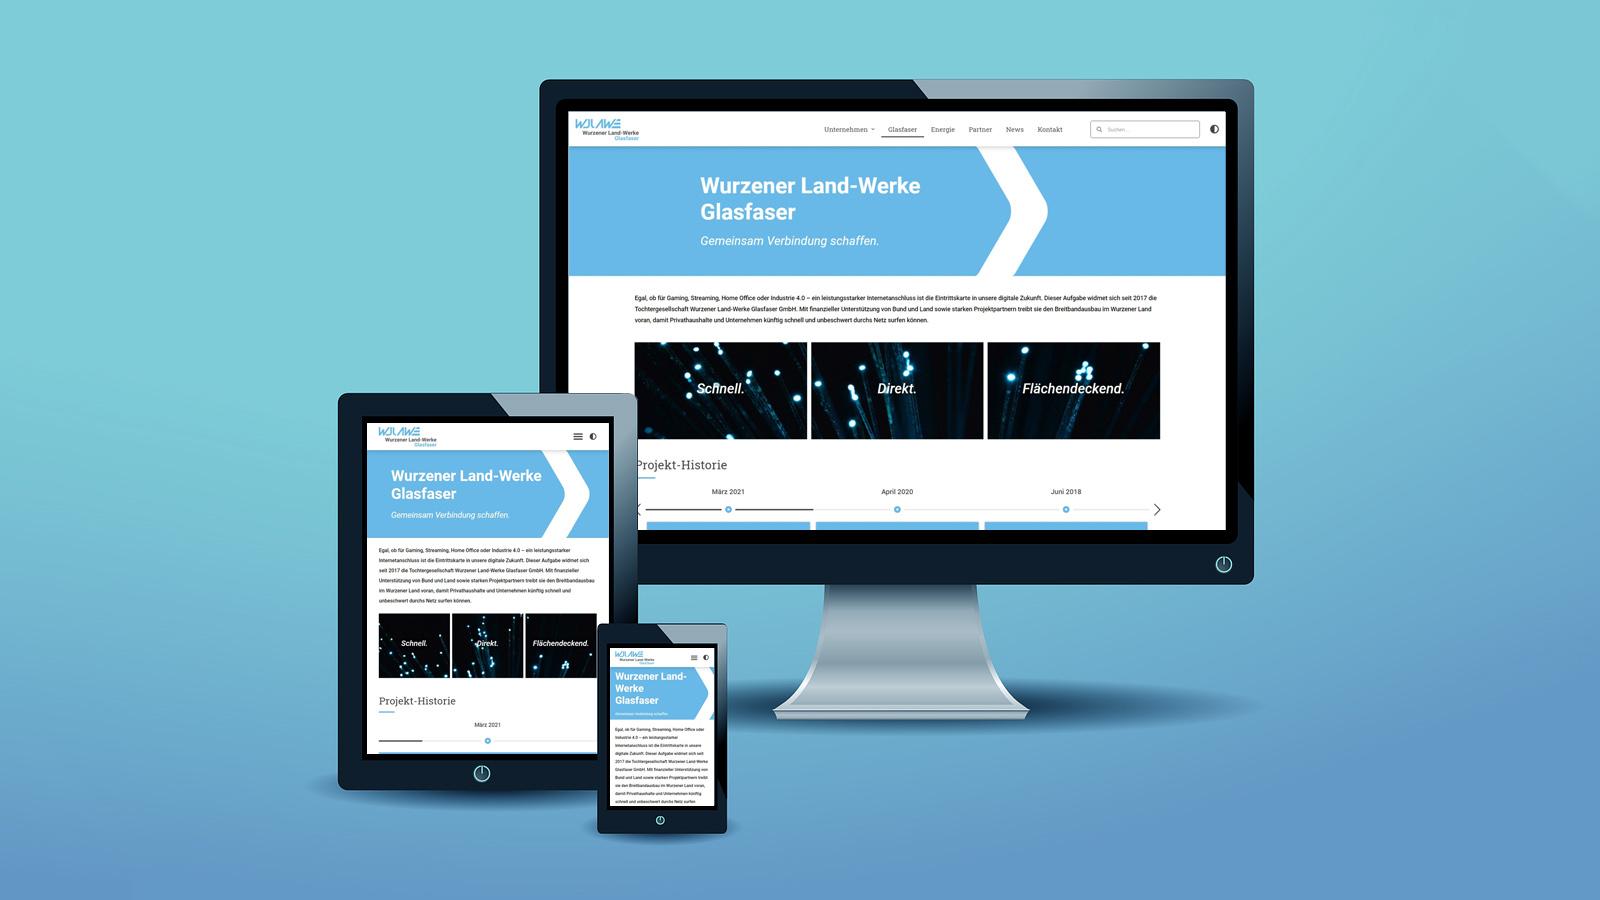 Unterseite der Tochtergesellschaft Wurzener Land-Werke Glasfaser GmbH bei verschiedenen Bildschirmgrößen